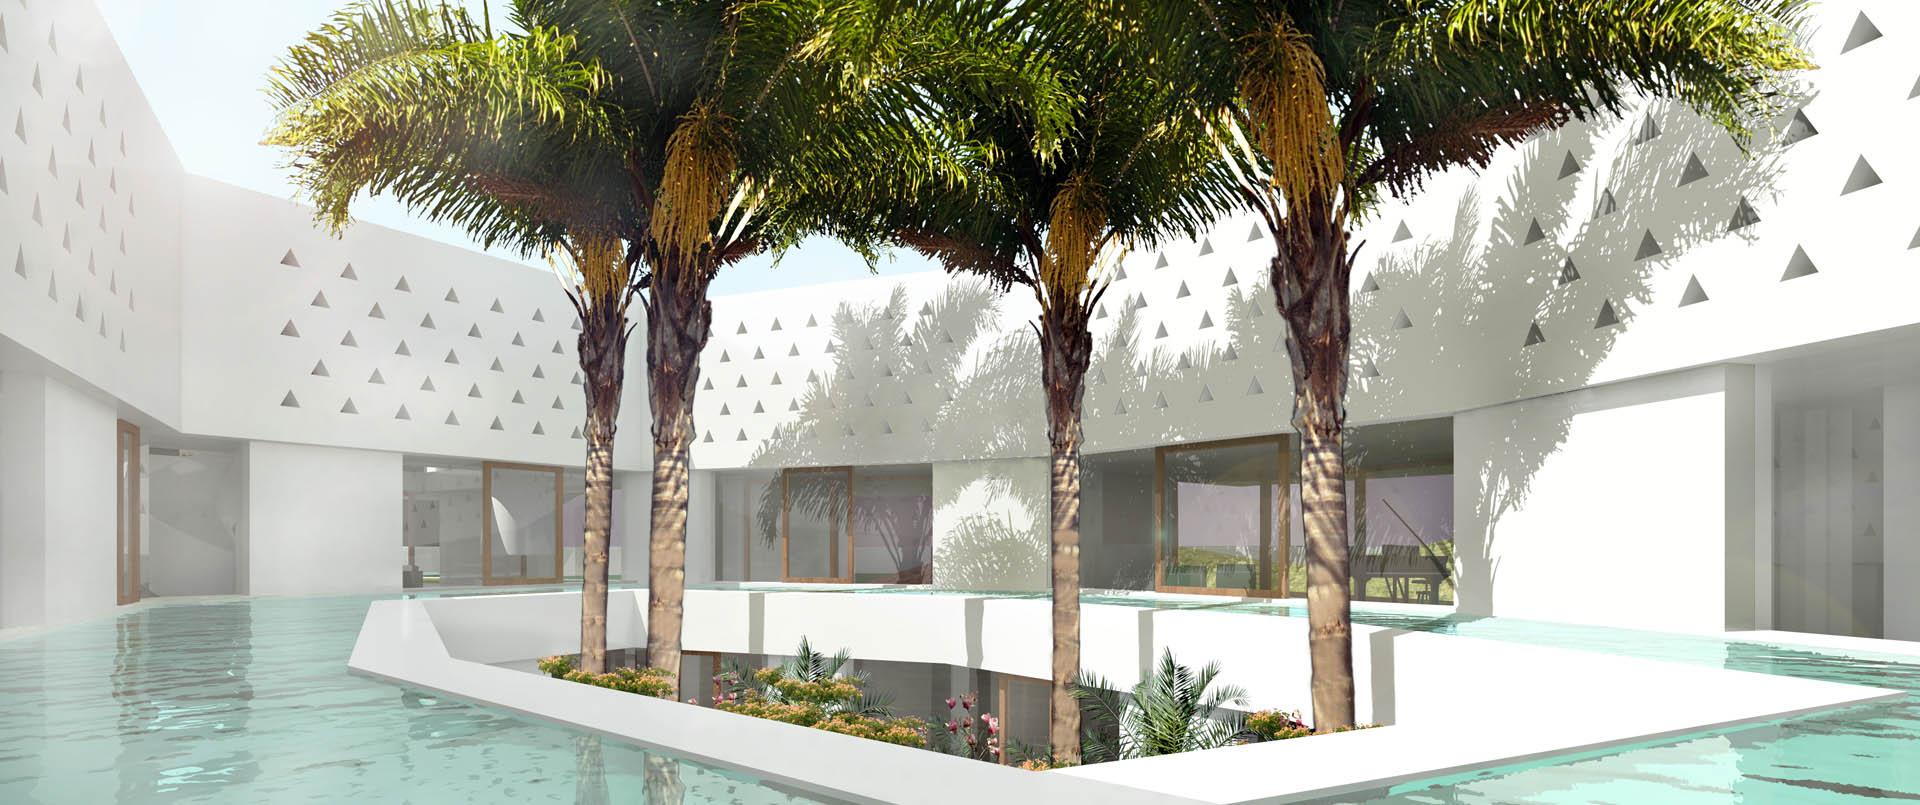 Studio Matteoni Villa in Marbella